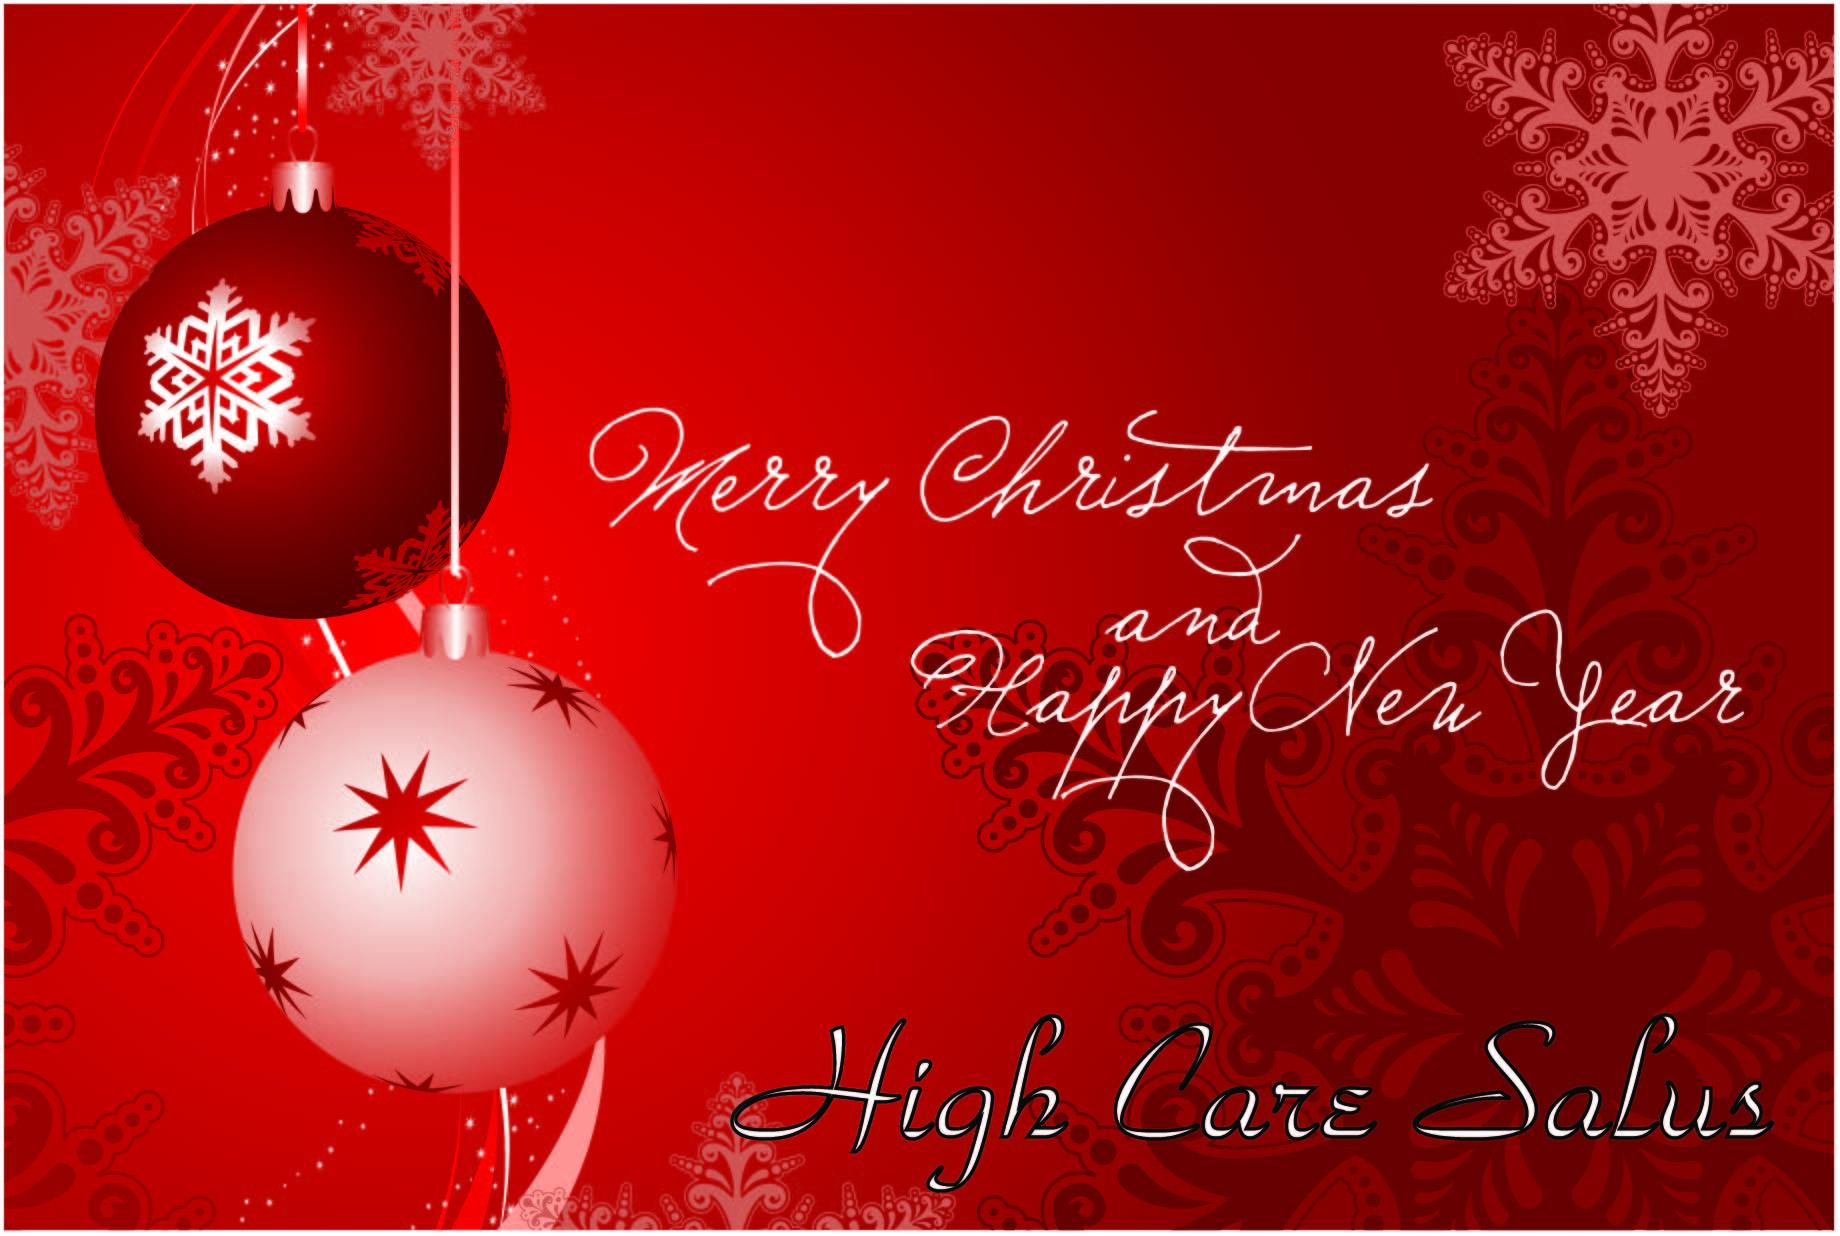 čestitke poslovnim partnerima za novu godinu Čestitka   High Care Centar Salus čestitke poslovnim partnerima za novu godinu